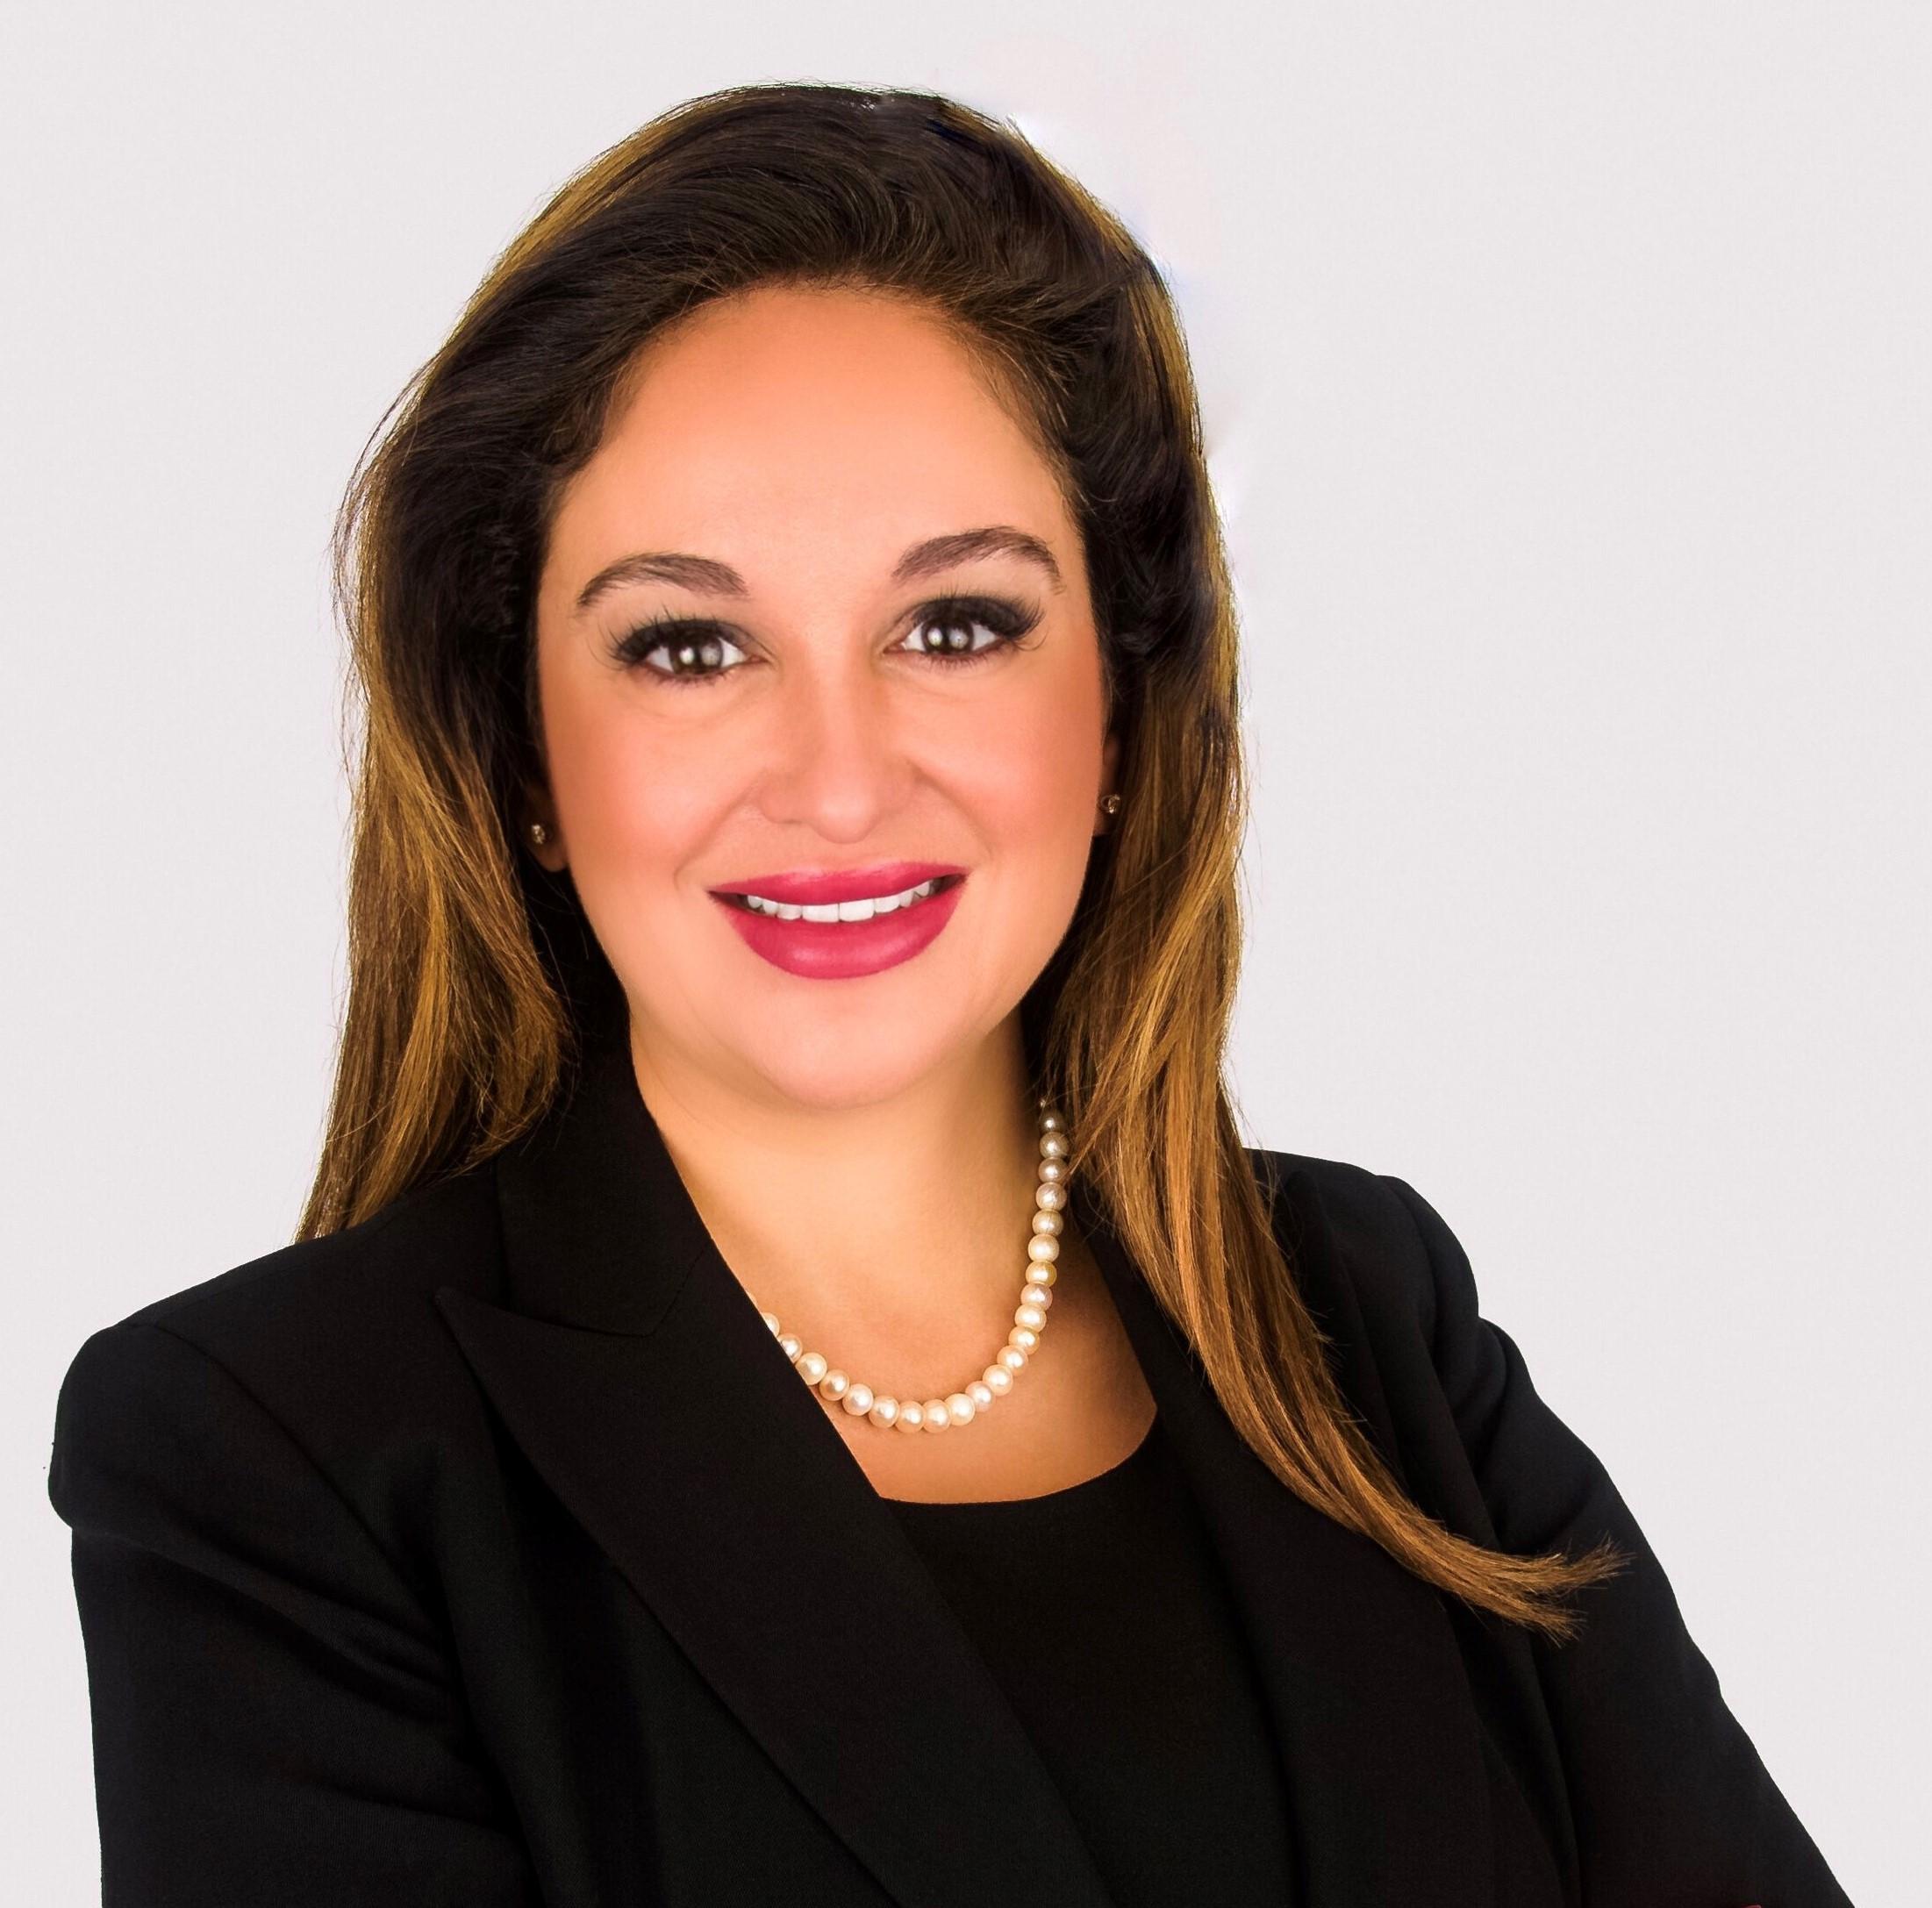 Michelle Fraga